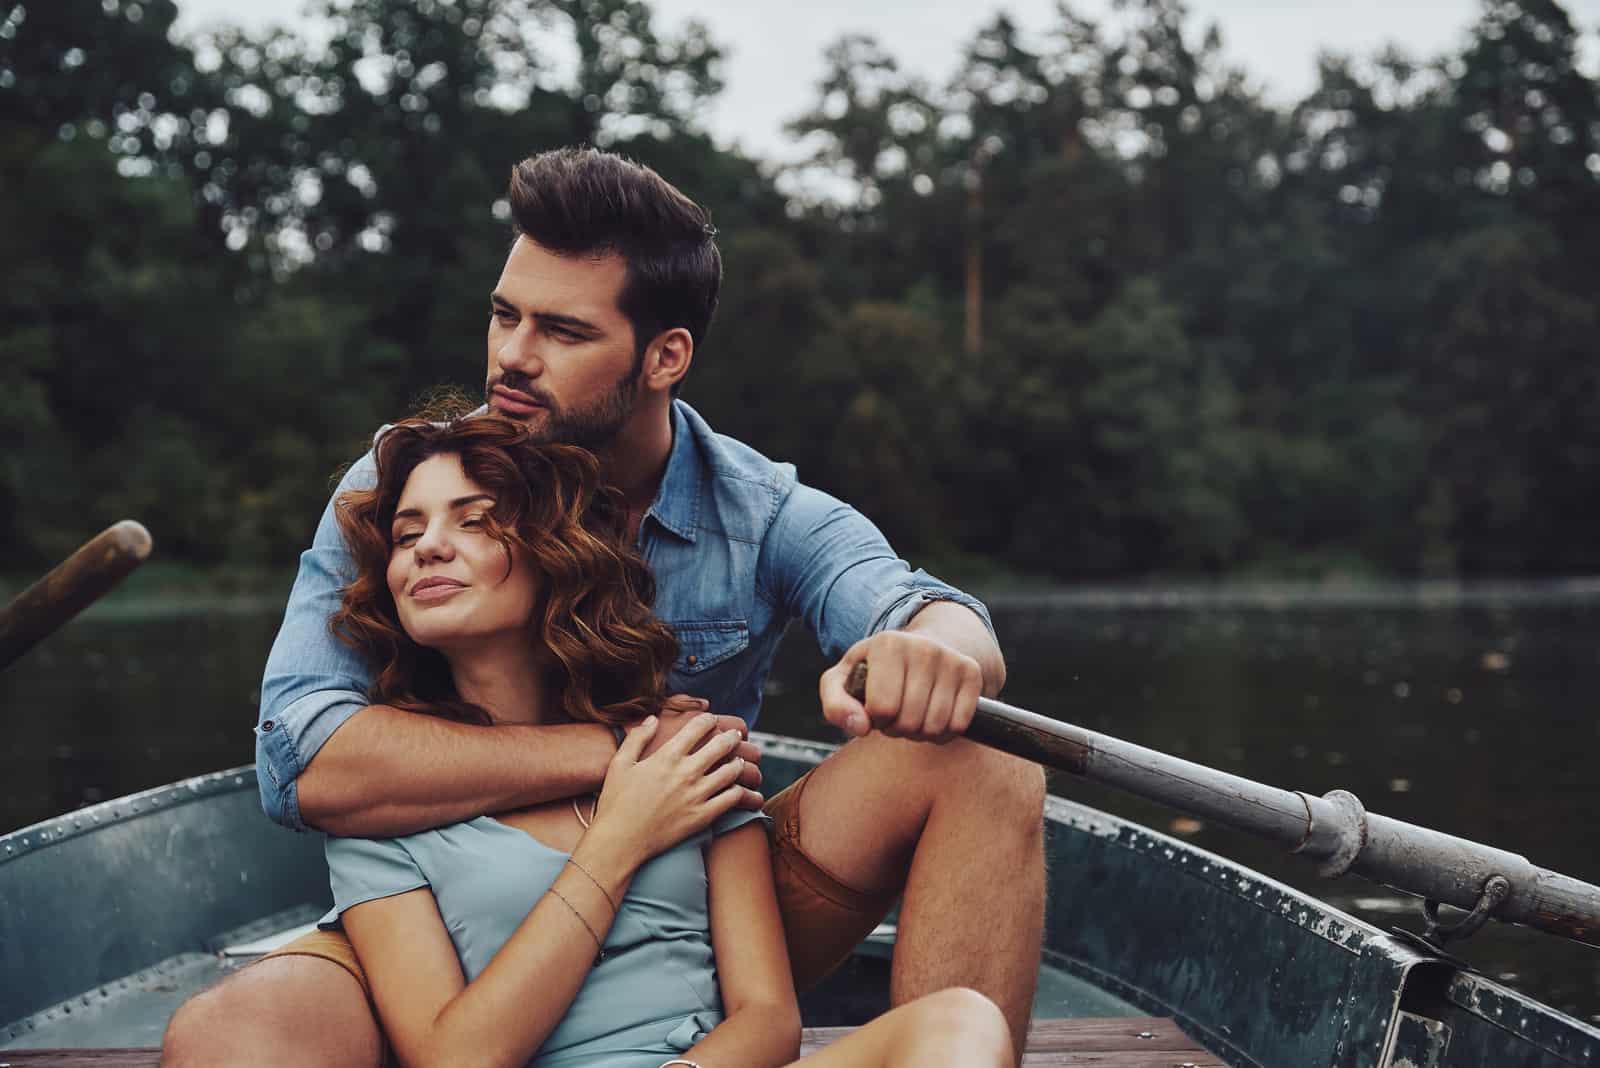 l'homme serra la femme dans ses bras alors qu'ils étaient assis dans le bateau